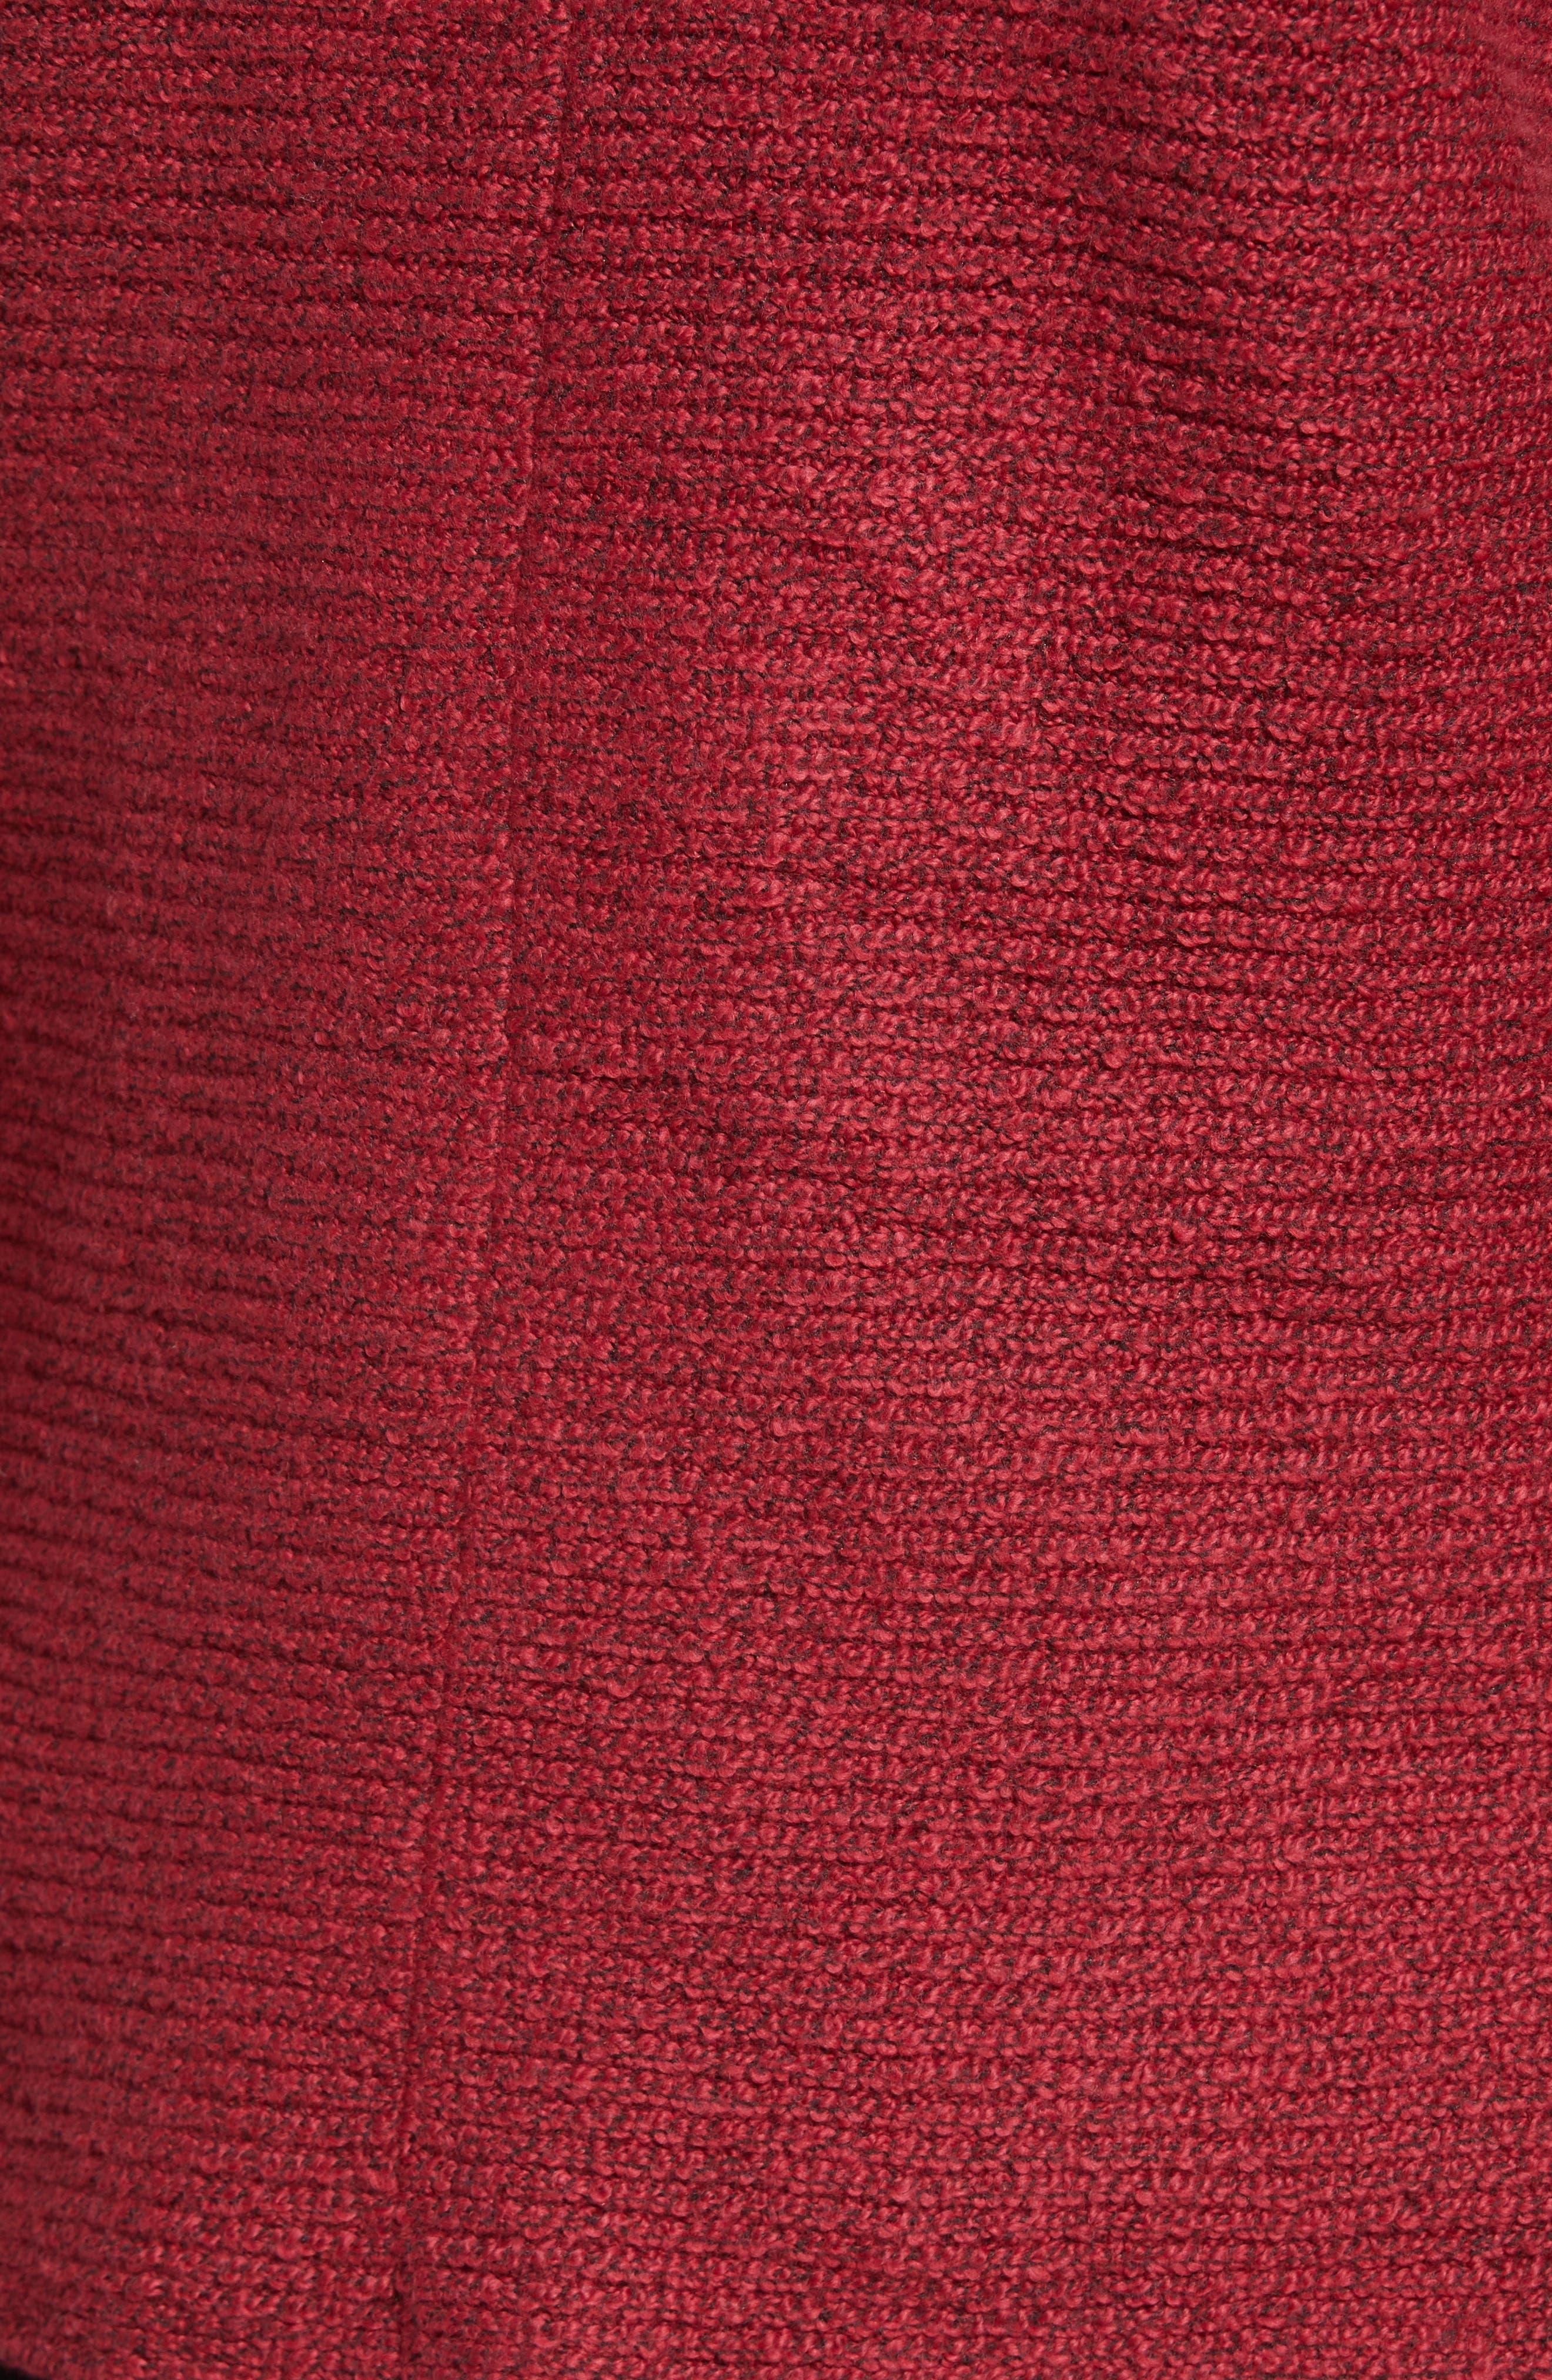 Blouson Sleeve V-Neck Sweater,                             Alternate thumbnail 5, color,                             641